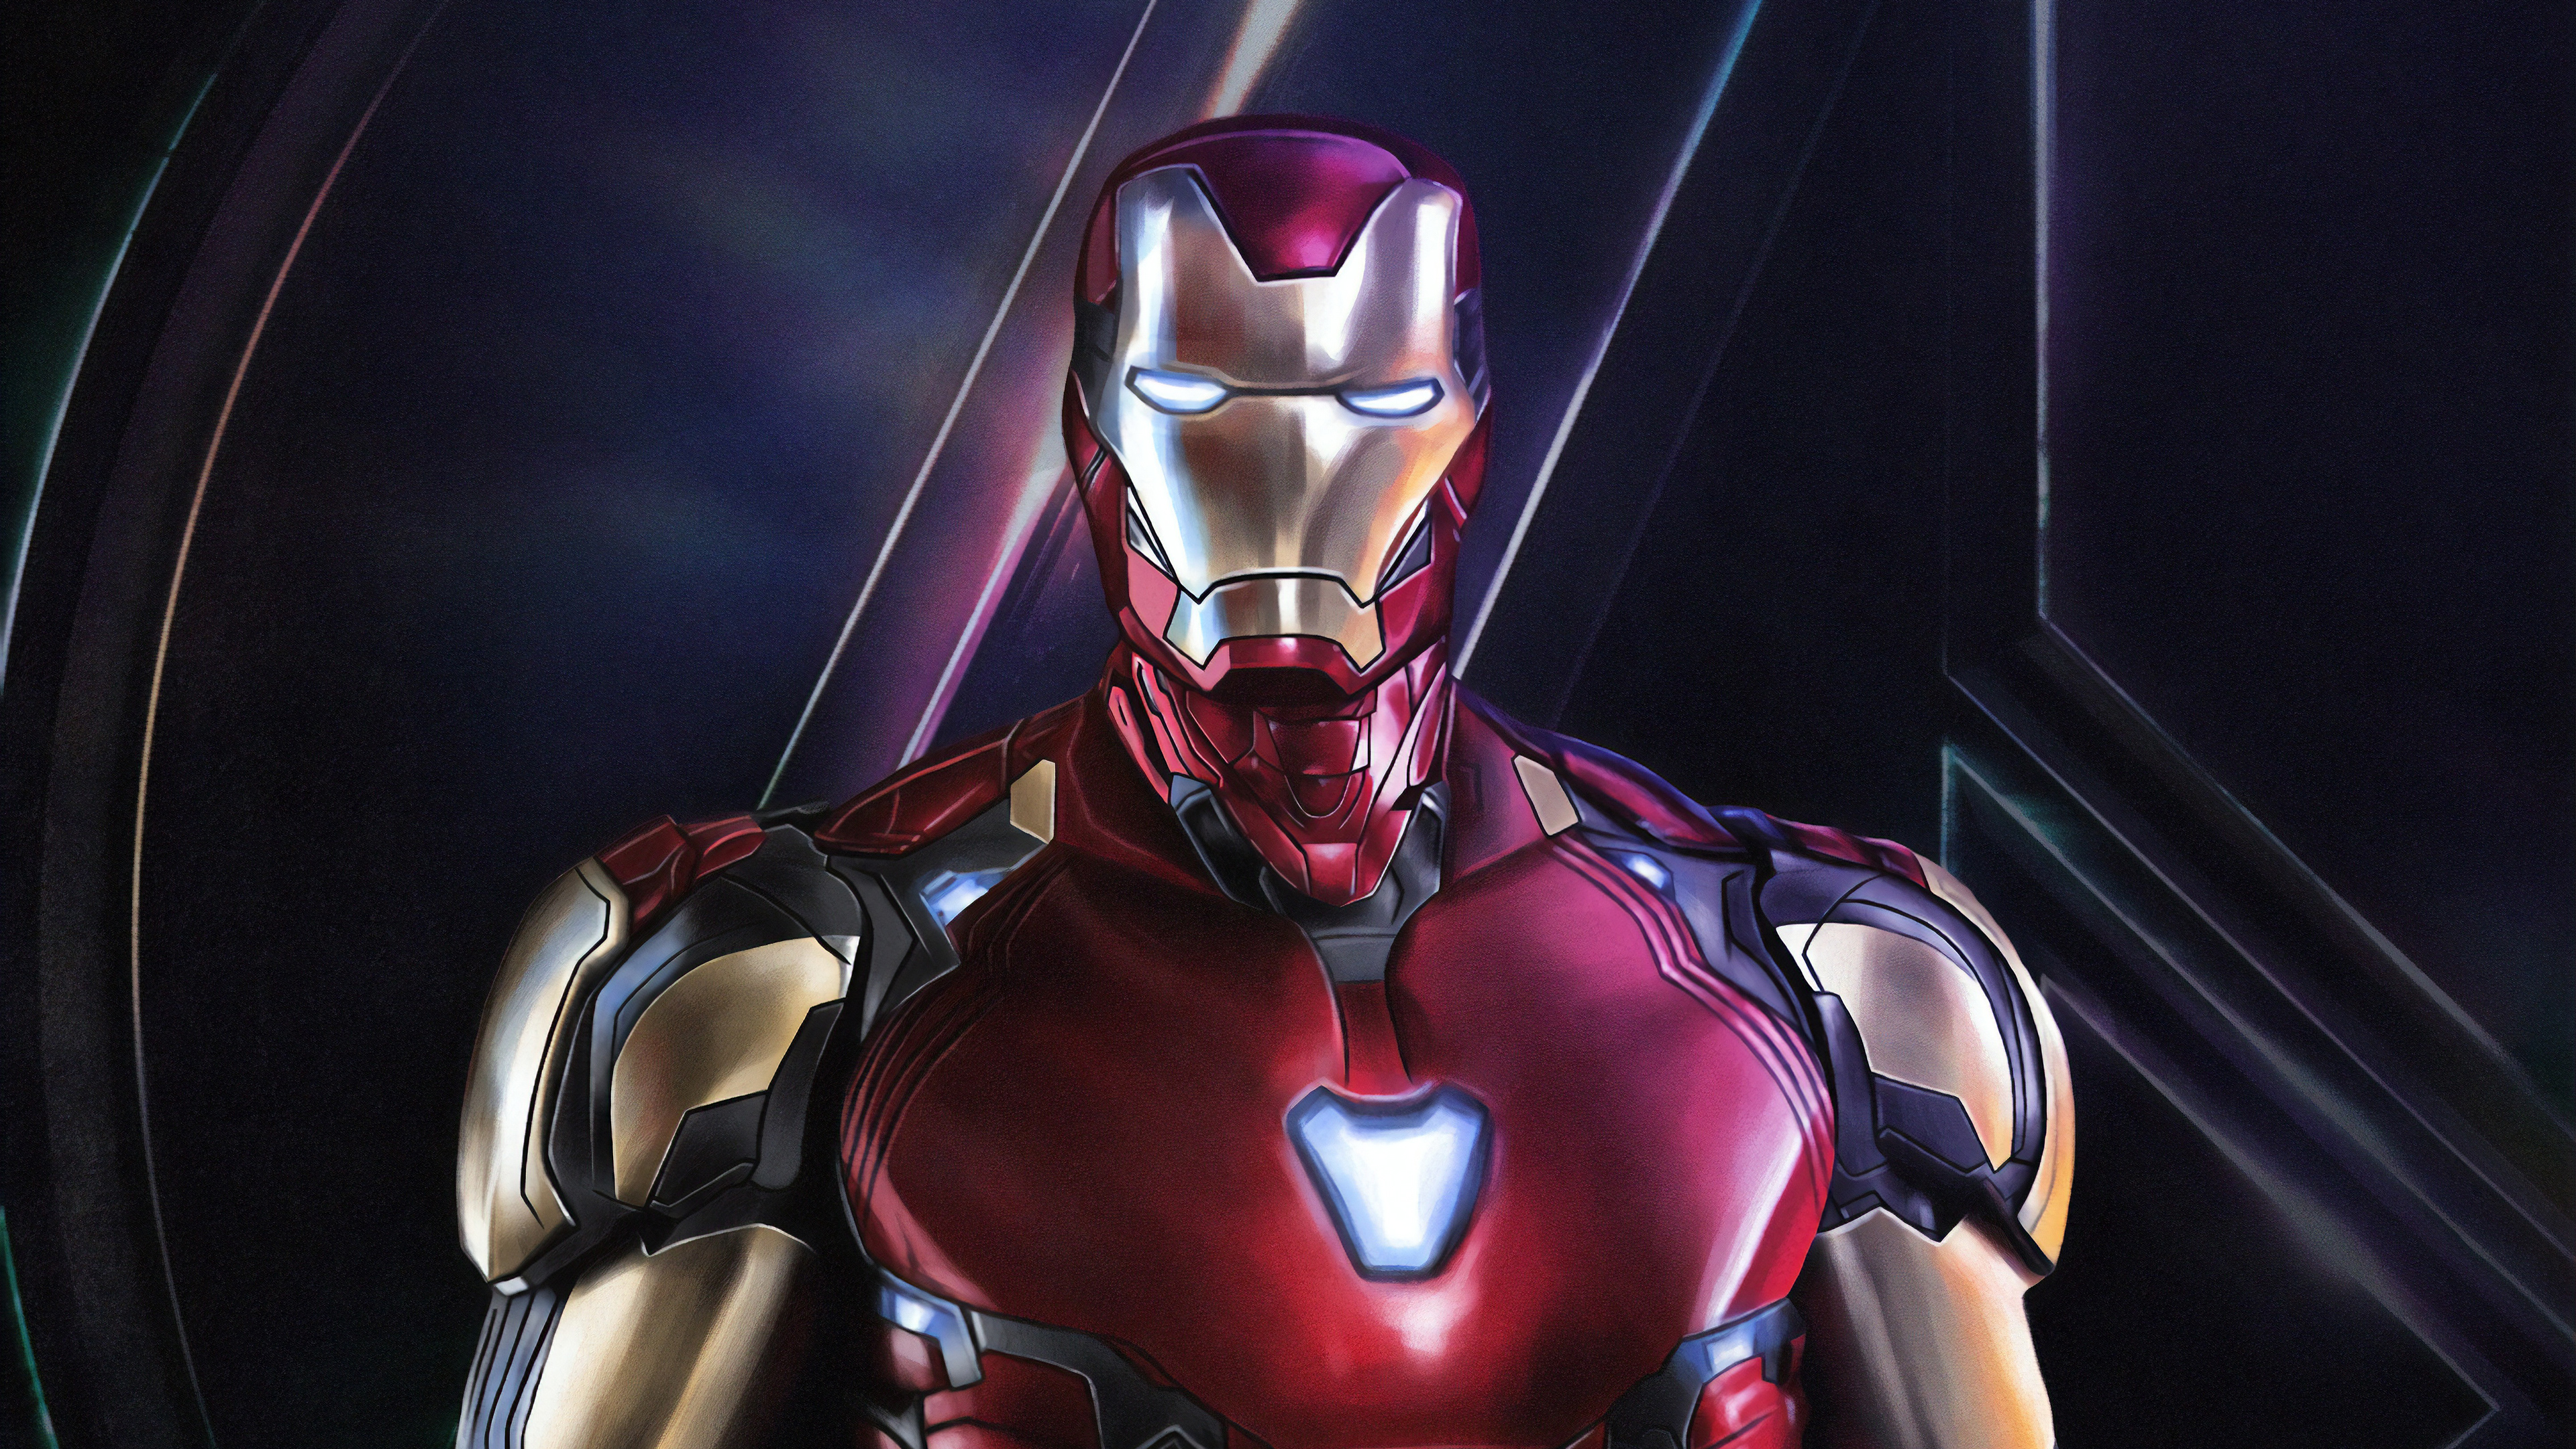 4k Iron Man Avengers Endgame, HD Superheroes, 4k ...